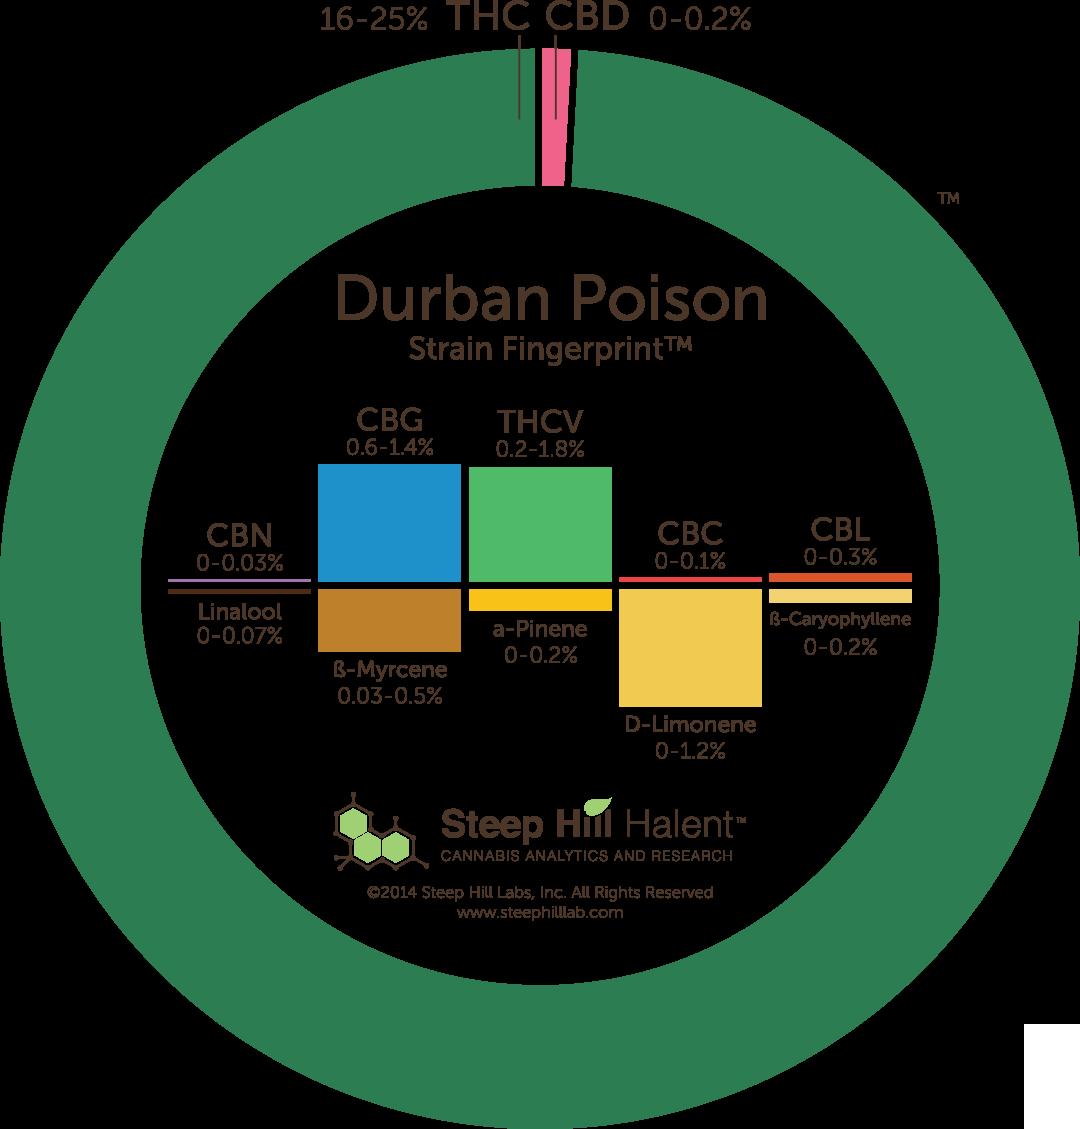 Durban Poison Cannabis Strain Fingerprint